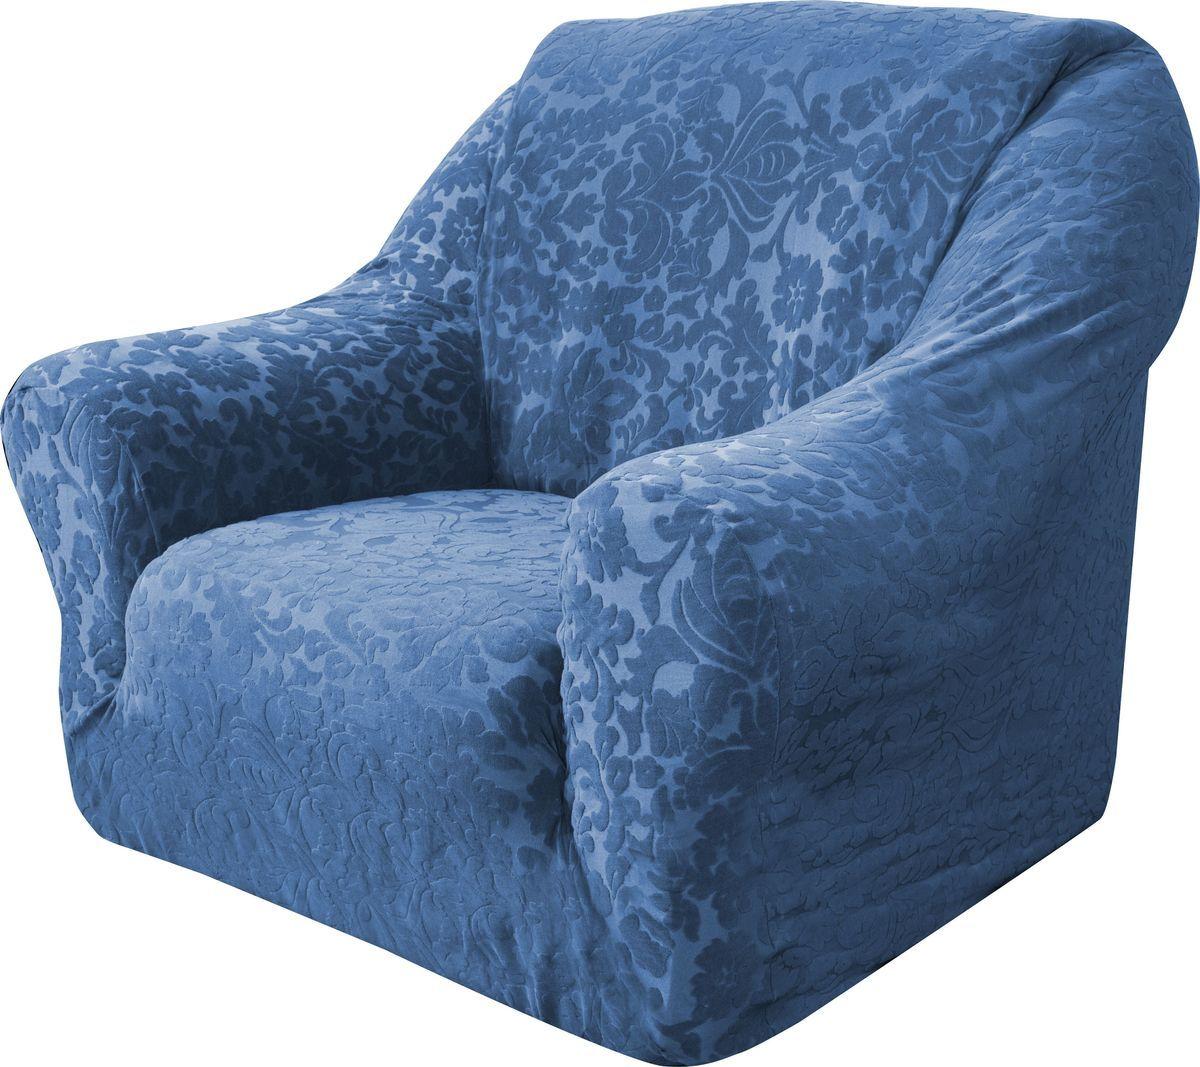 Чехол на кресло Медежда Челтон, цвет: морской волны1401051104000Универсальный чехол на кресло изготовлен из стрейчевого жаккарда. Элегантный выпуклый рисунок прекрасно подходит к интерьеру как в классическом, так и в современном стиле. Тактильное наслаждение, вызываемое тканью, сочетается с эластичностью. Чехол красиво облегает формы мебели и выглядит как дорогая обивка, выполненная на заказ. Он легко растягивается и подходит для большинства стандартных кресел